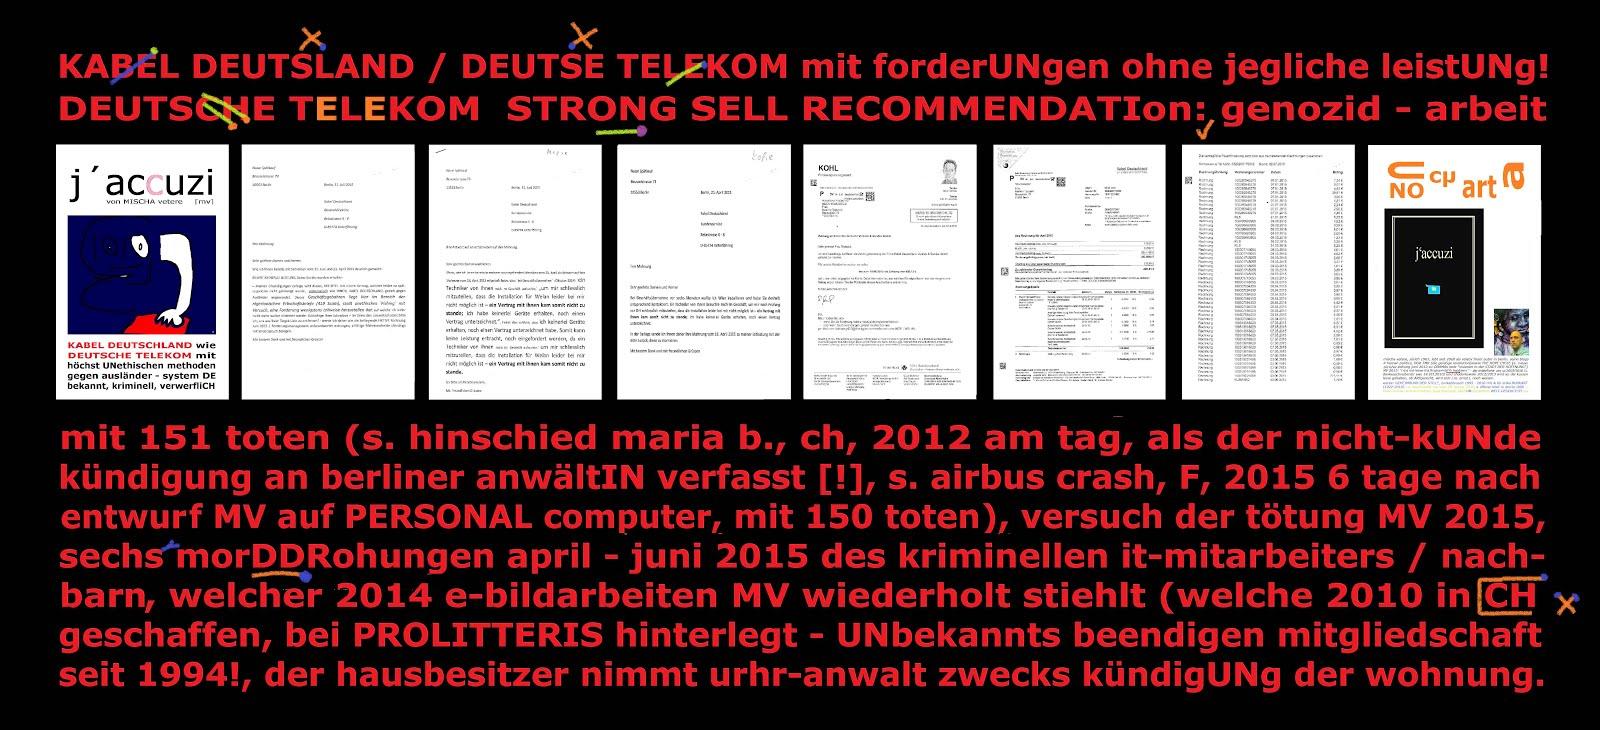 deutsche telekom kabel deutschland nigerianisch scam methoden fishing gegen ausländer mischa vetere